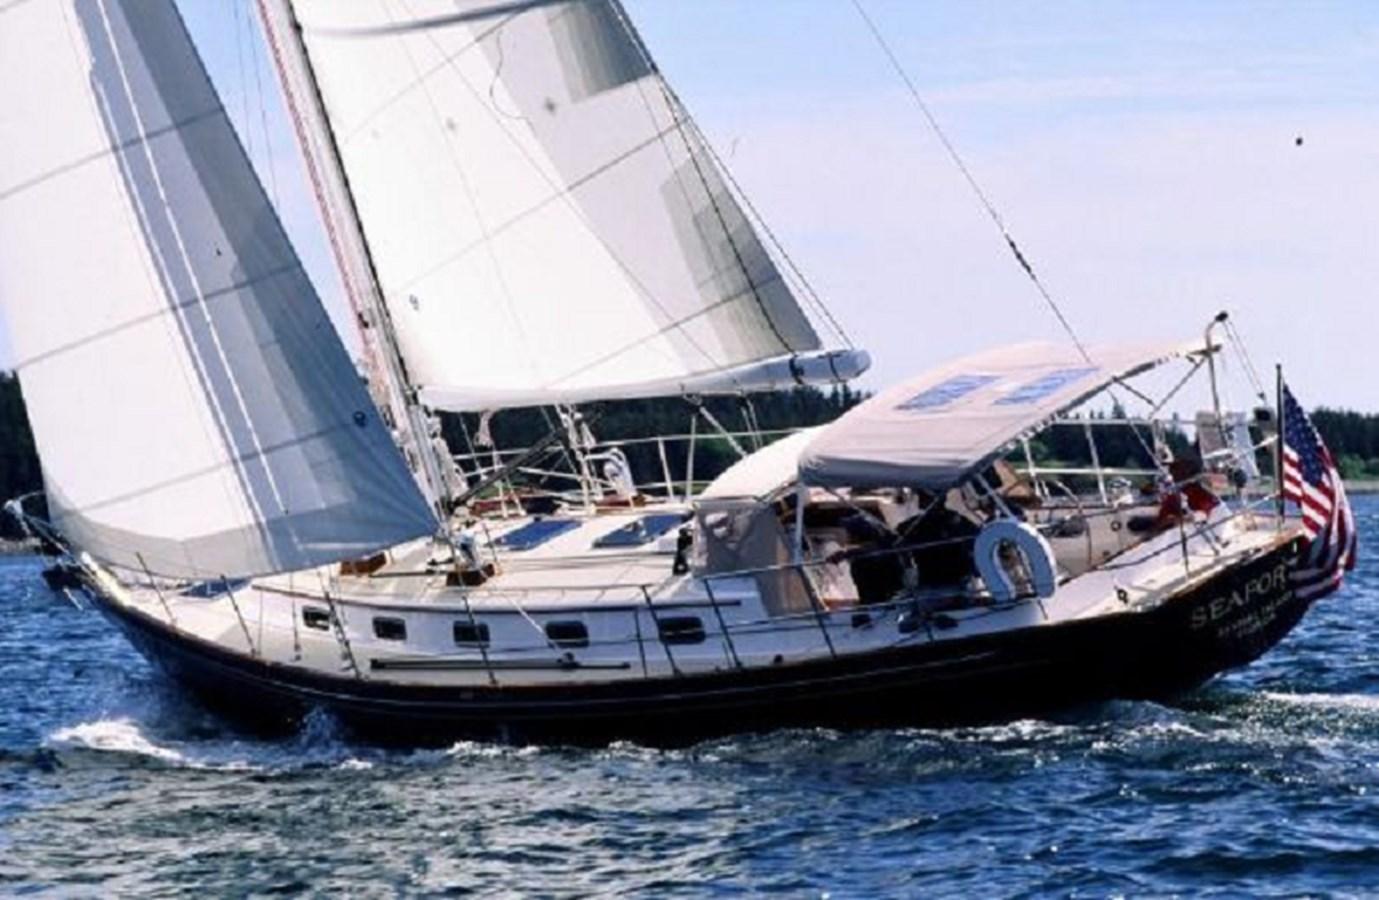 1 2001 MORRIS YACHTS Ocean Series Cruising Sailboat 2811236